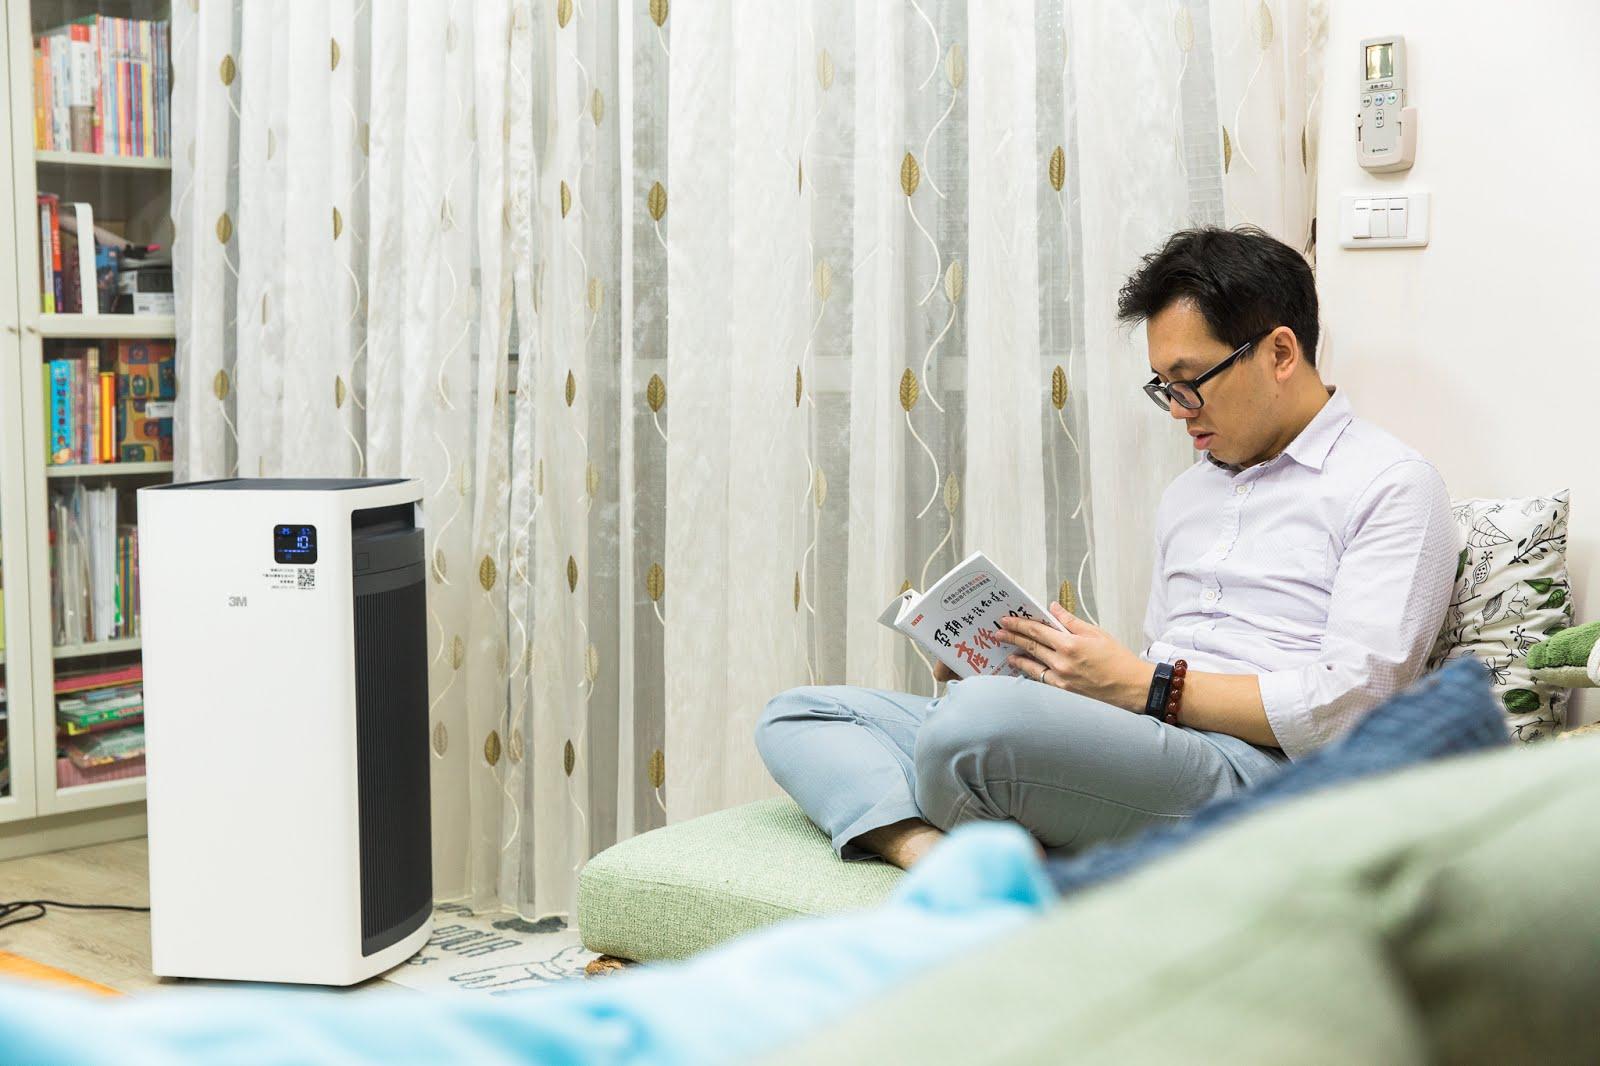 3M%2BFA-S500_dj%25E7%2590%25A6%25E7%2590%25A6_wwwhostkikicom_%25E5%25AE%2589%25E5%25BF%2583%25E7%259C%258B%25E6%259B%25B8%25E4%25B8%25AD.jpg-讓空氣跟家一樣令人安心│3M ™淨呼吸™全效型空氣清淨機─機皇級FA-S500